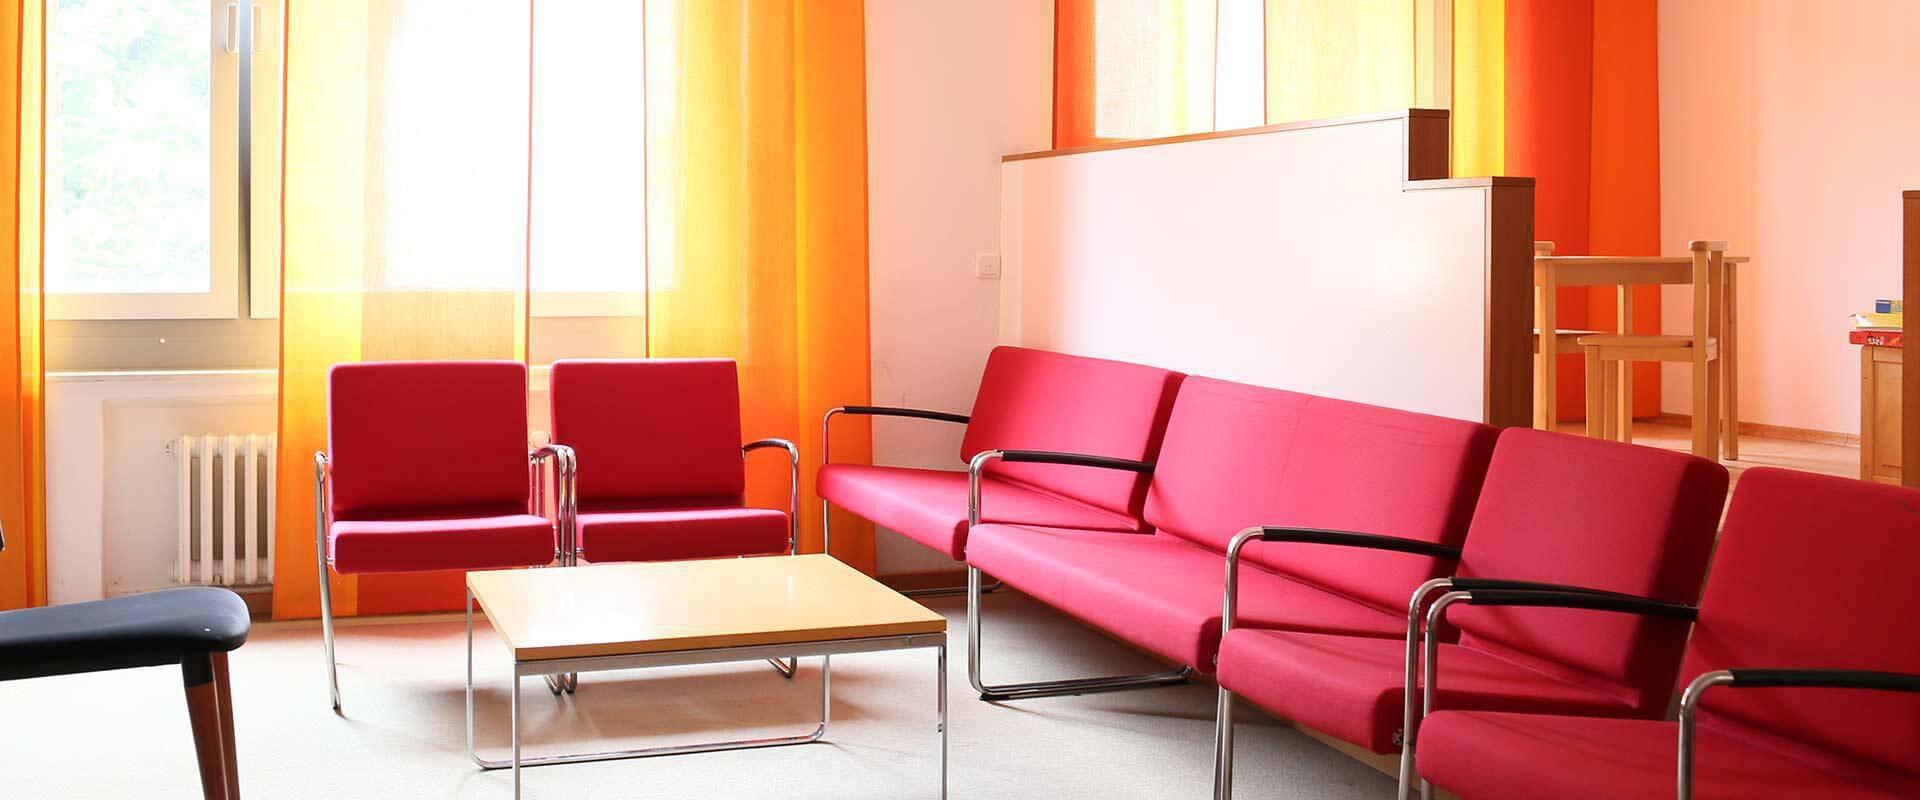 Aufenthaltsraum im MEDIAN Zentrum für Verhaltensmedizin Bad Pyrmont Klinik für Psychosomatik